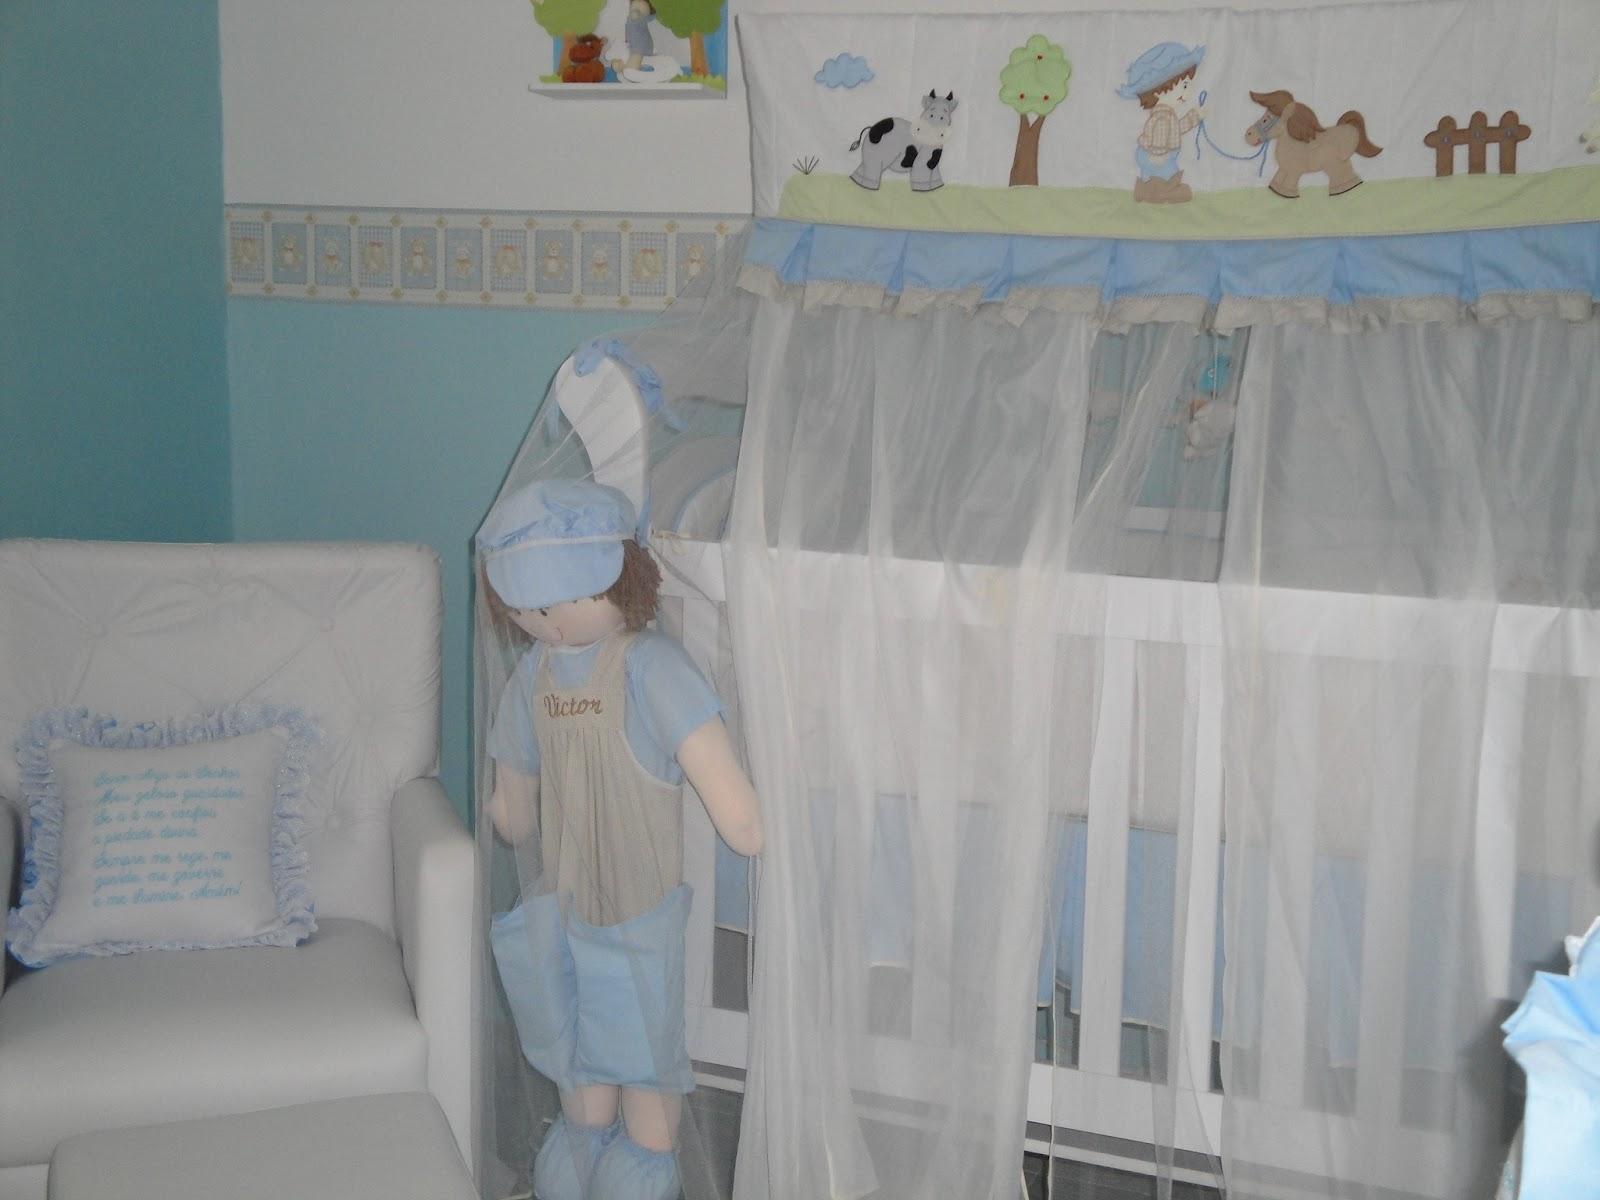 Quarto De Bebe Decorado Fazendinha ~   Decora??o de Maternidade Quarto de beb? com o tema da Fazendinha